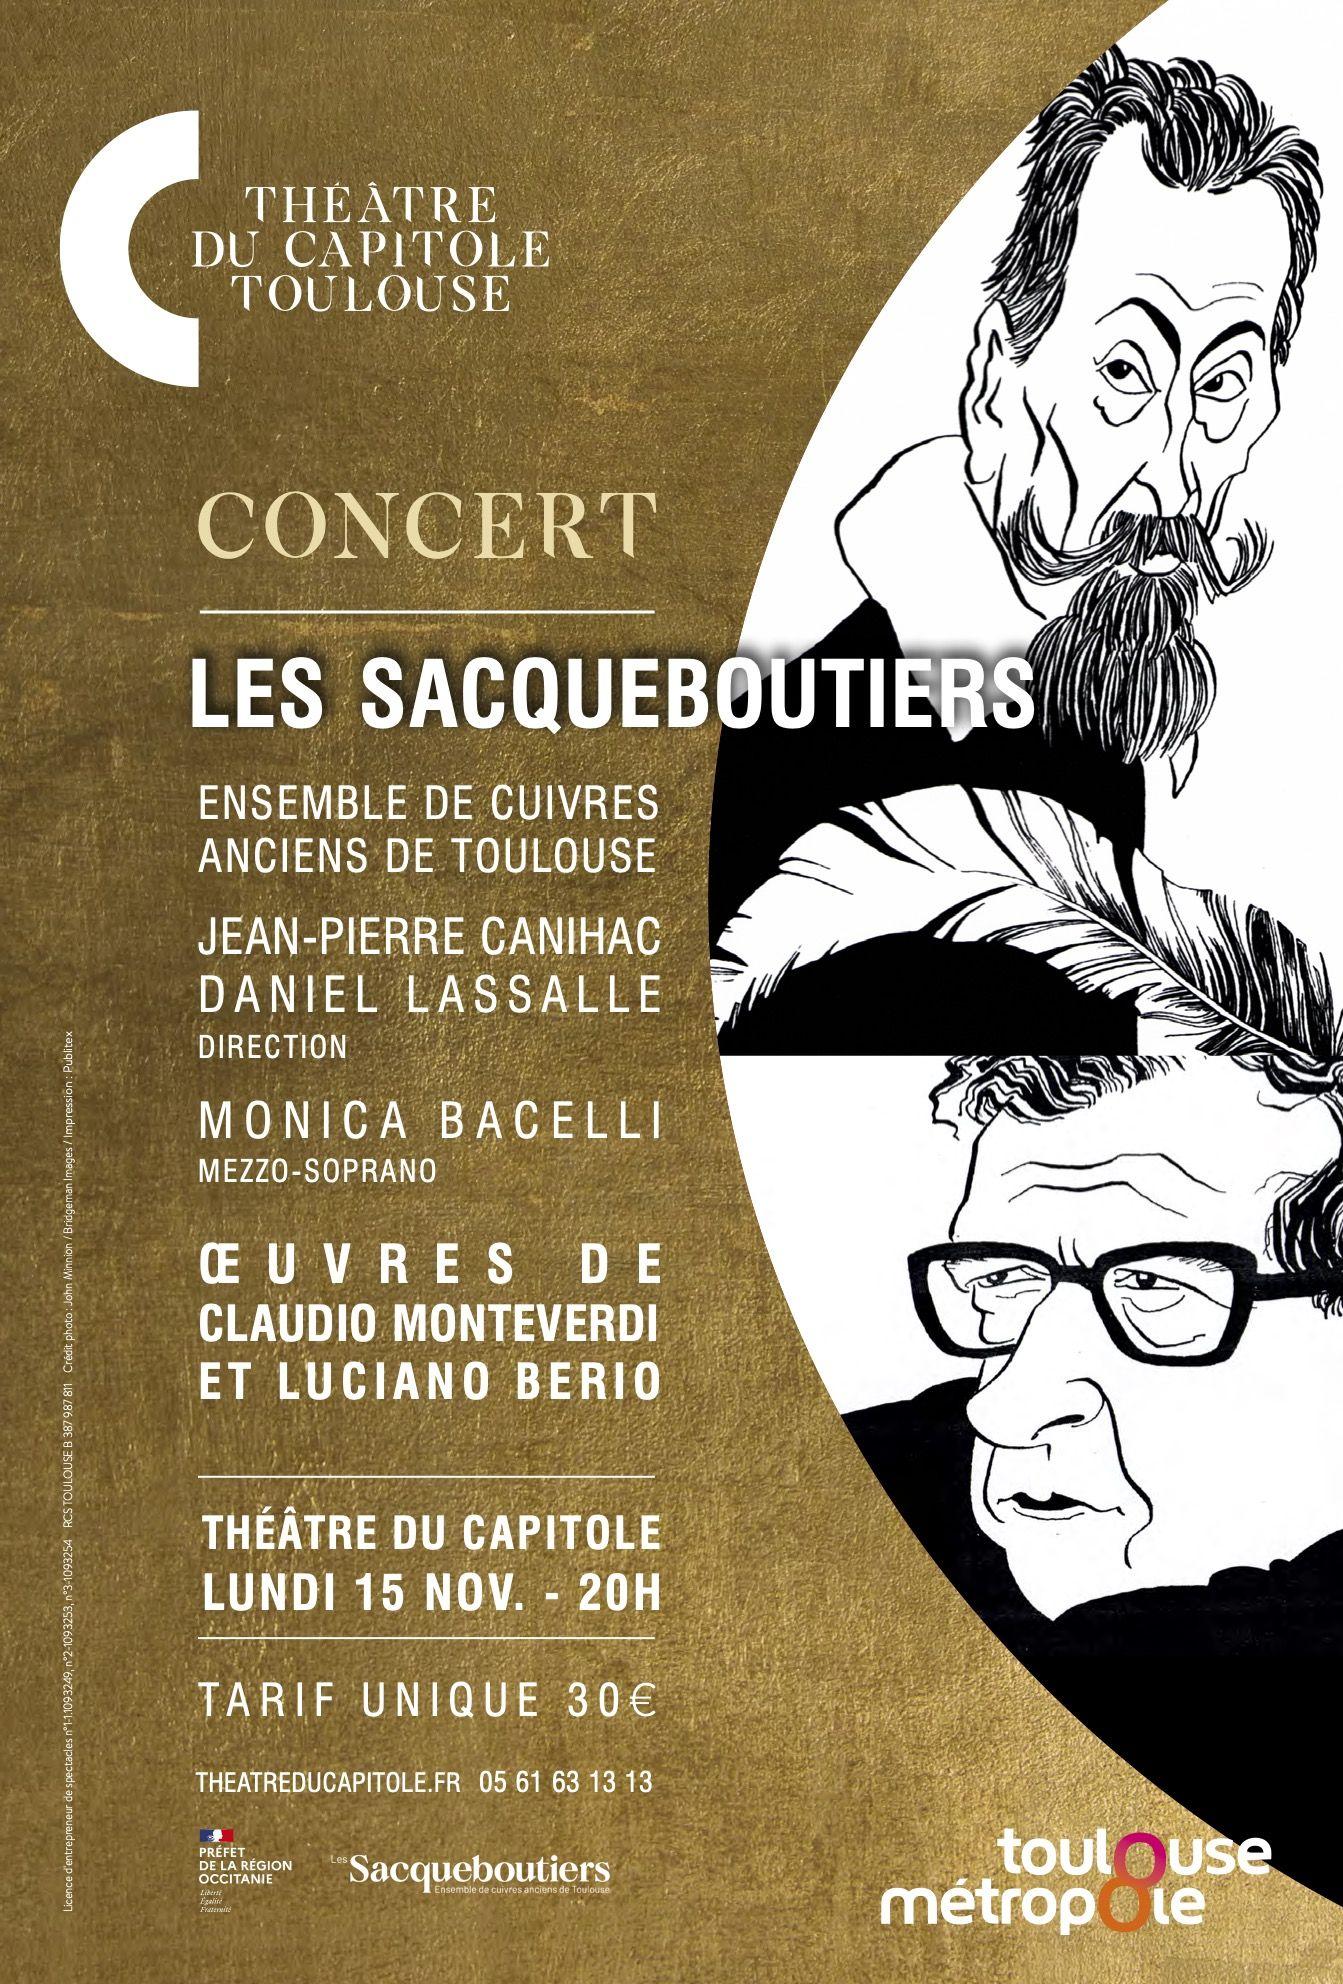 Théâtre du Capitole - Les Sacqueboutiers